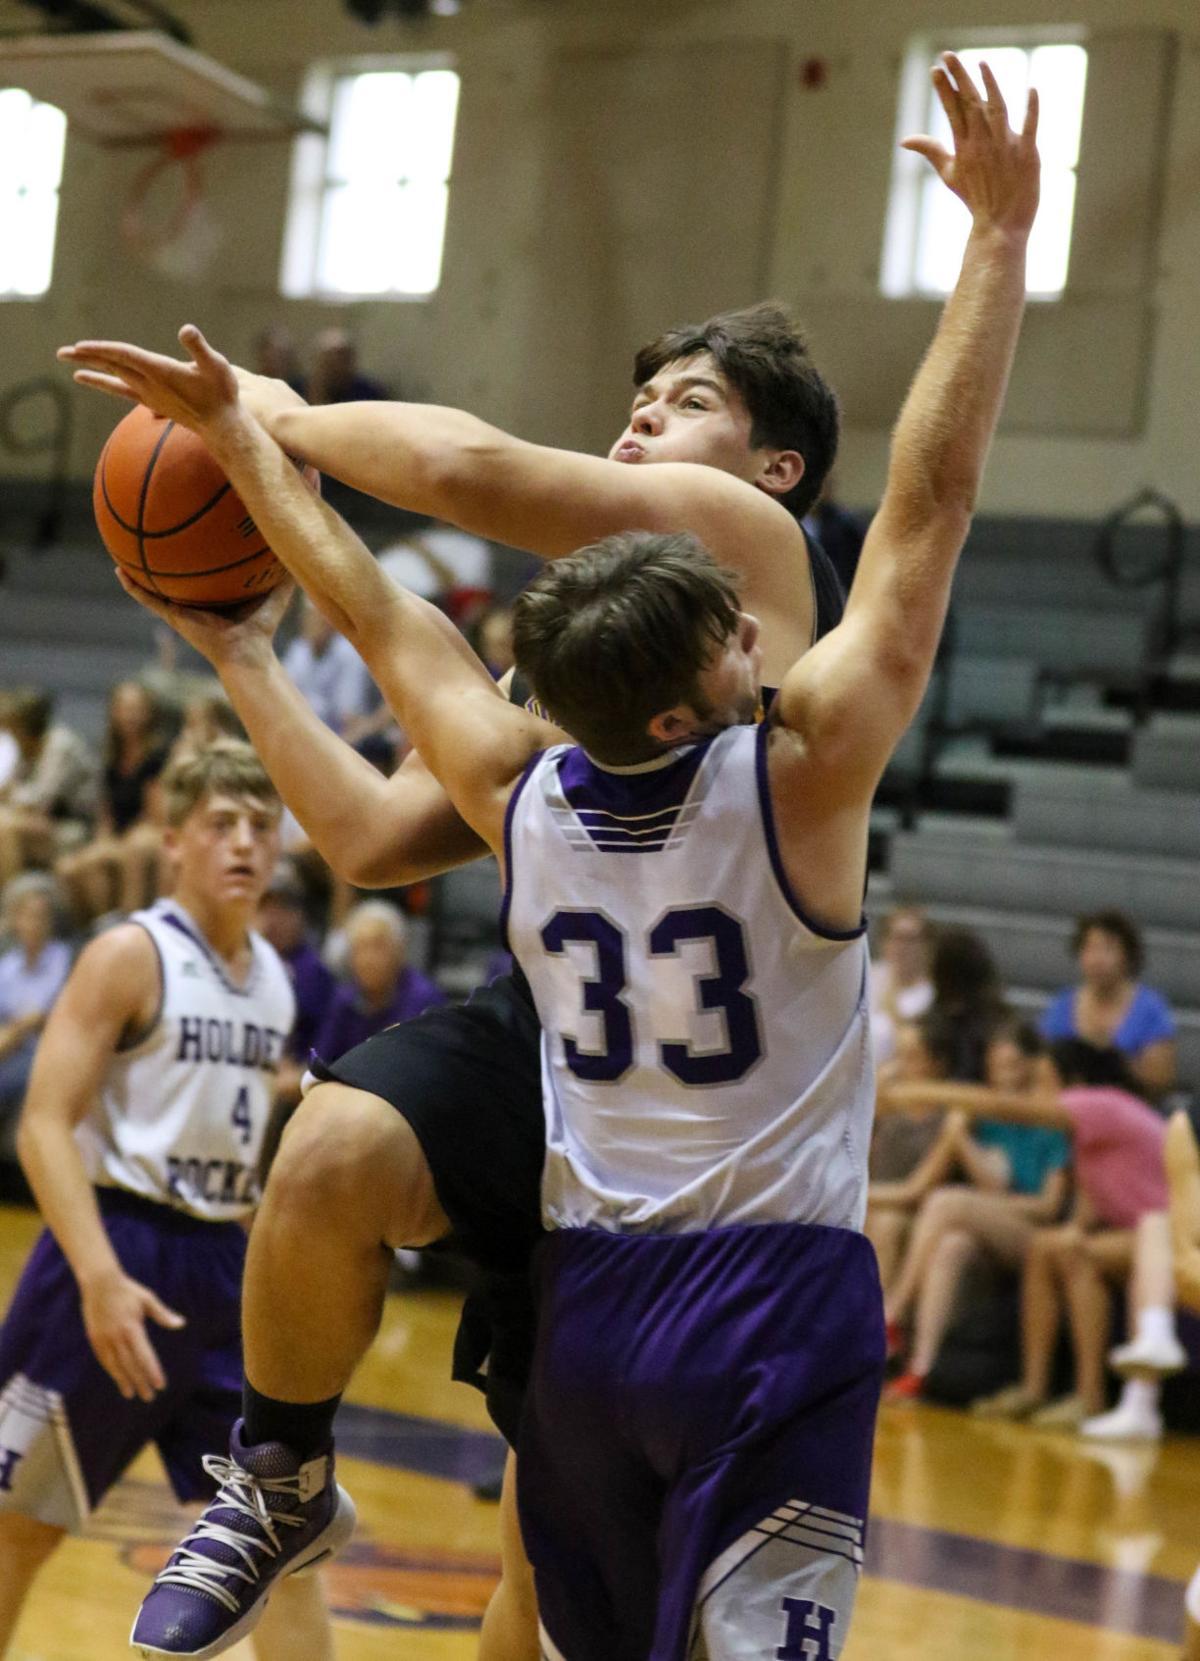 Doyle summer basketball vs. Holden: Nathan Raymond (33) , Doyle's Tyson Stewart (32)